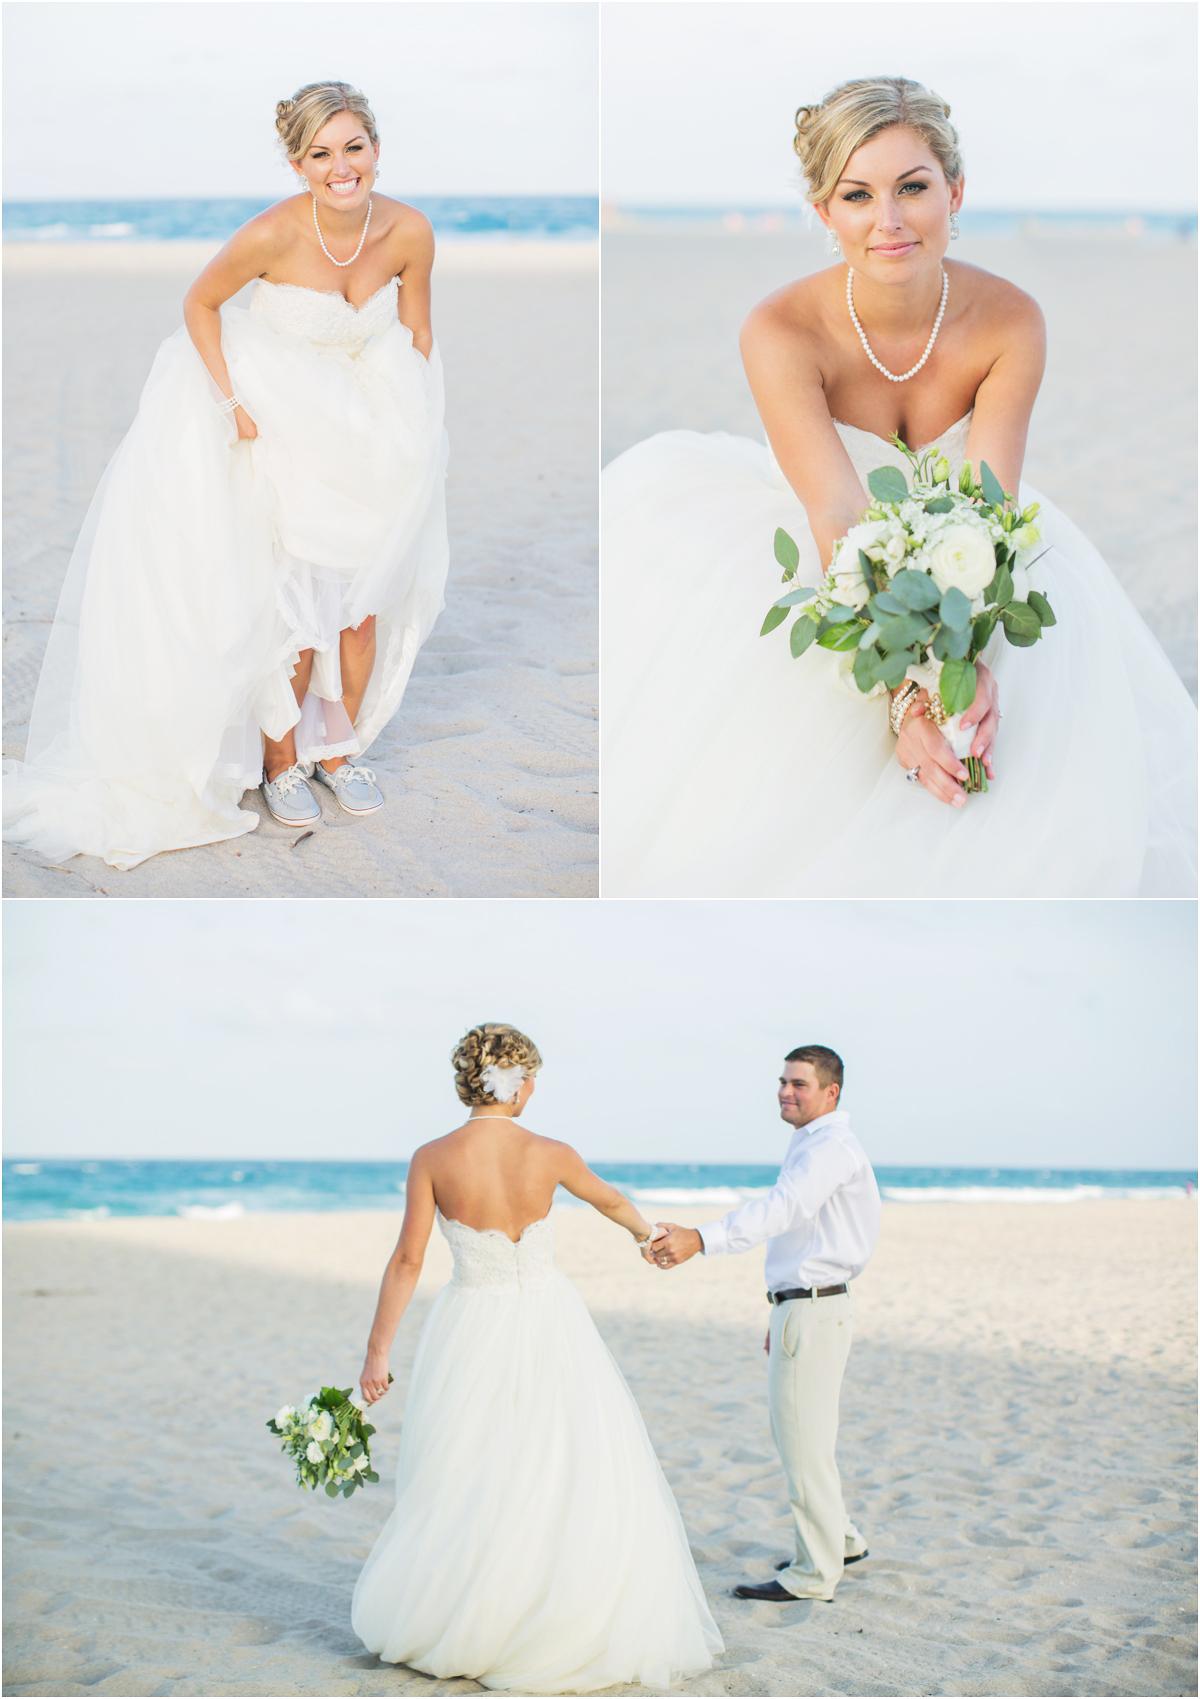 Singer_Island_wedding_hilton_29